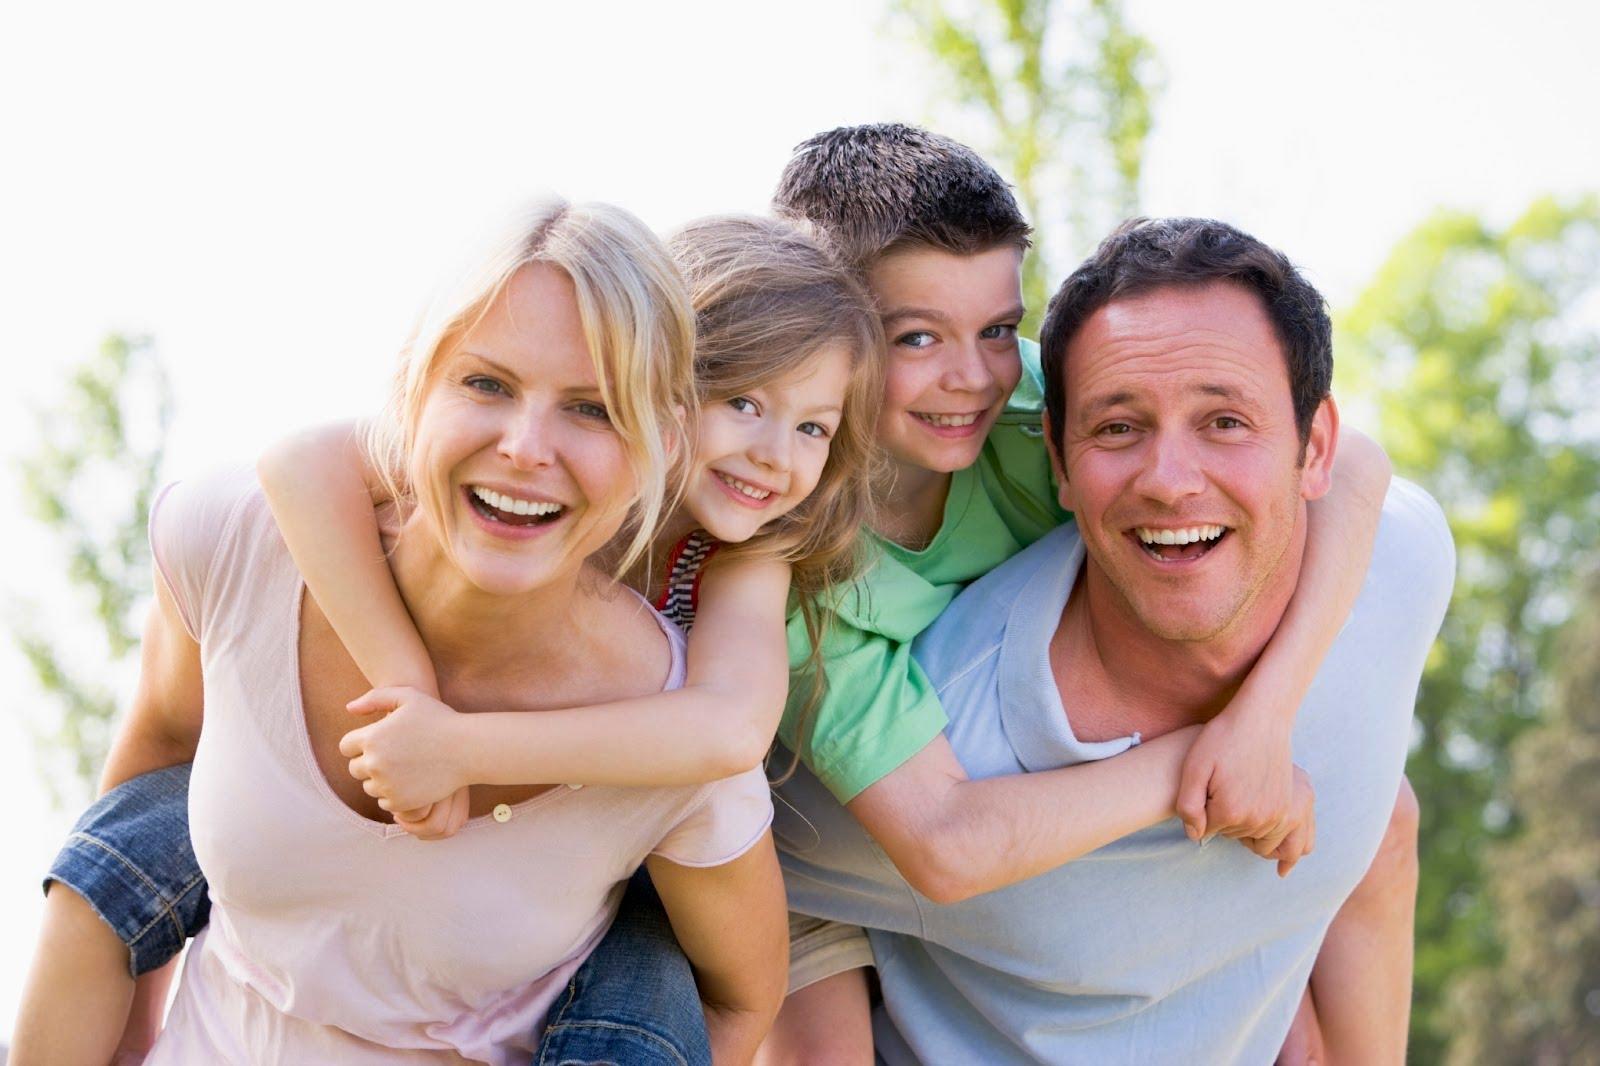 بالصور تربية الاطفال , اساليب تربية الاطفال والتعامل معهم 2784 1